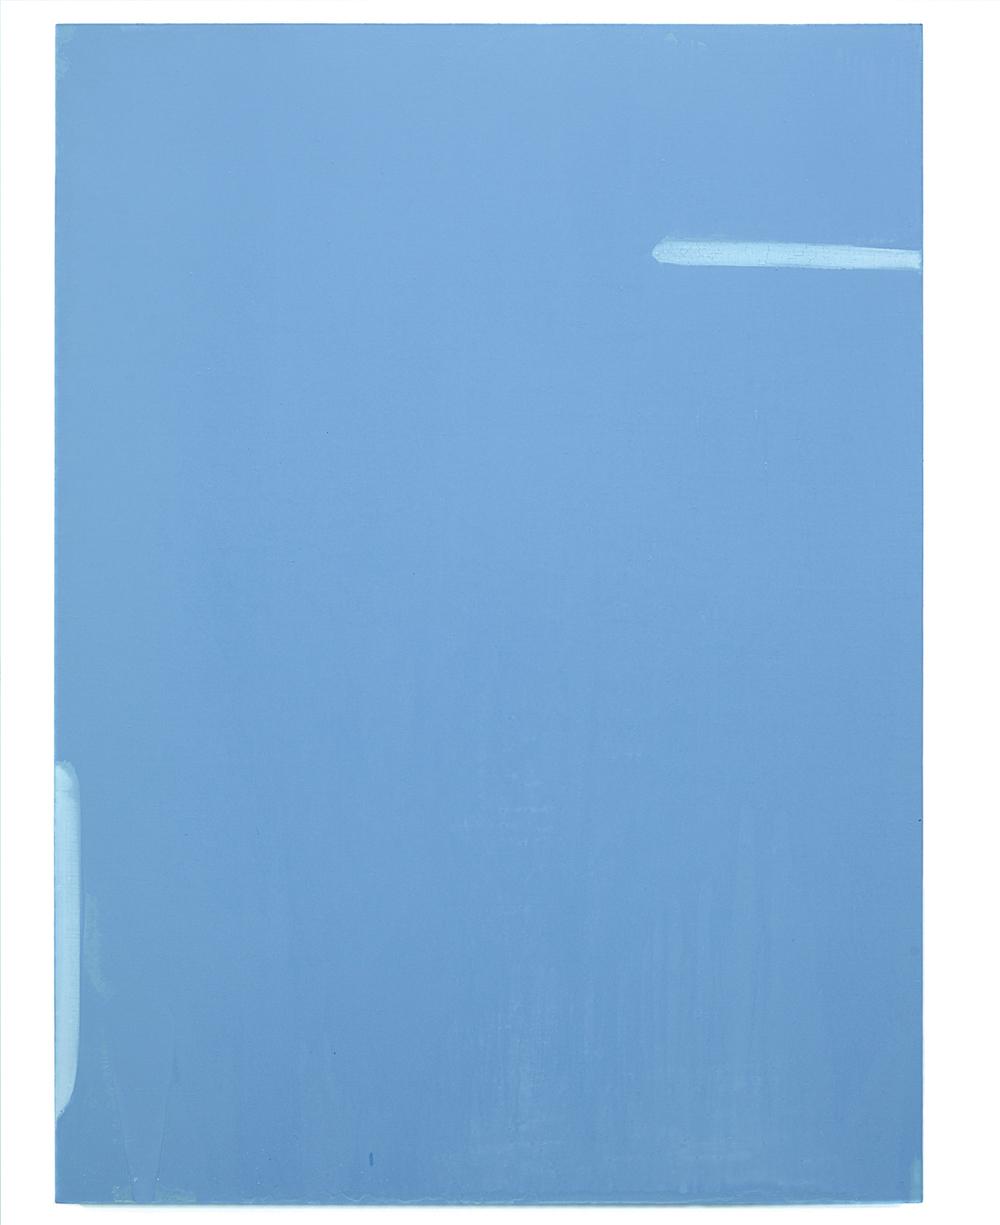 Luke HENG Blue on White (Delft) no.3 2015 Oil on linen H130 x W95 xD5 cm